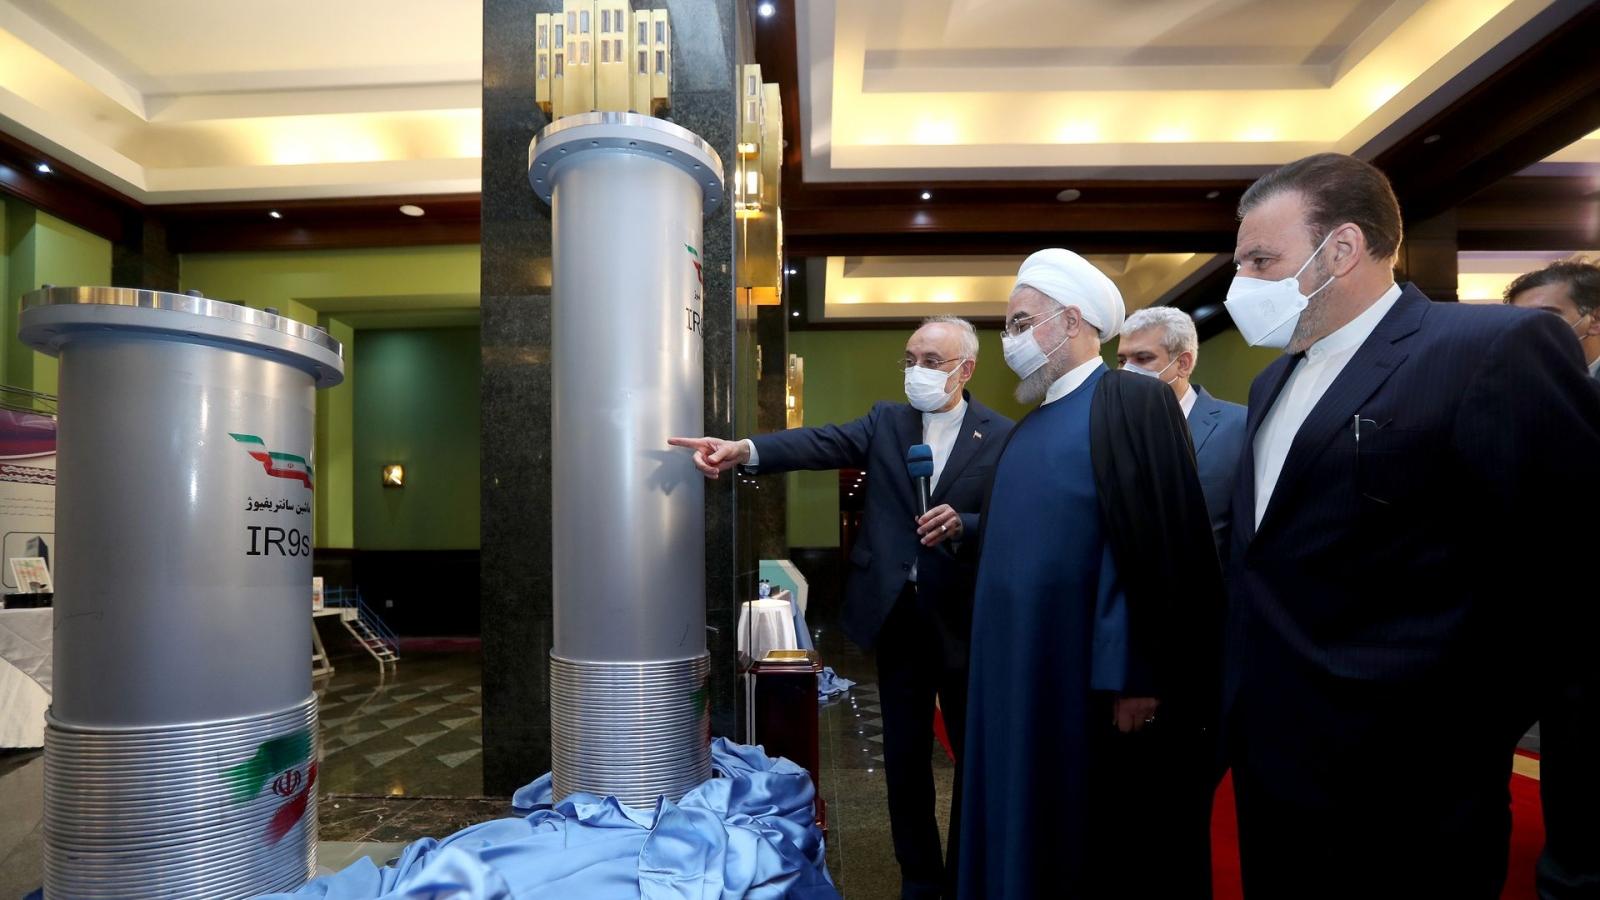 Đàm phán hạt nhân Iran: Mỹ nói Iran khiêu khích - Iran cảnh báo thất bại